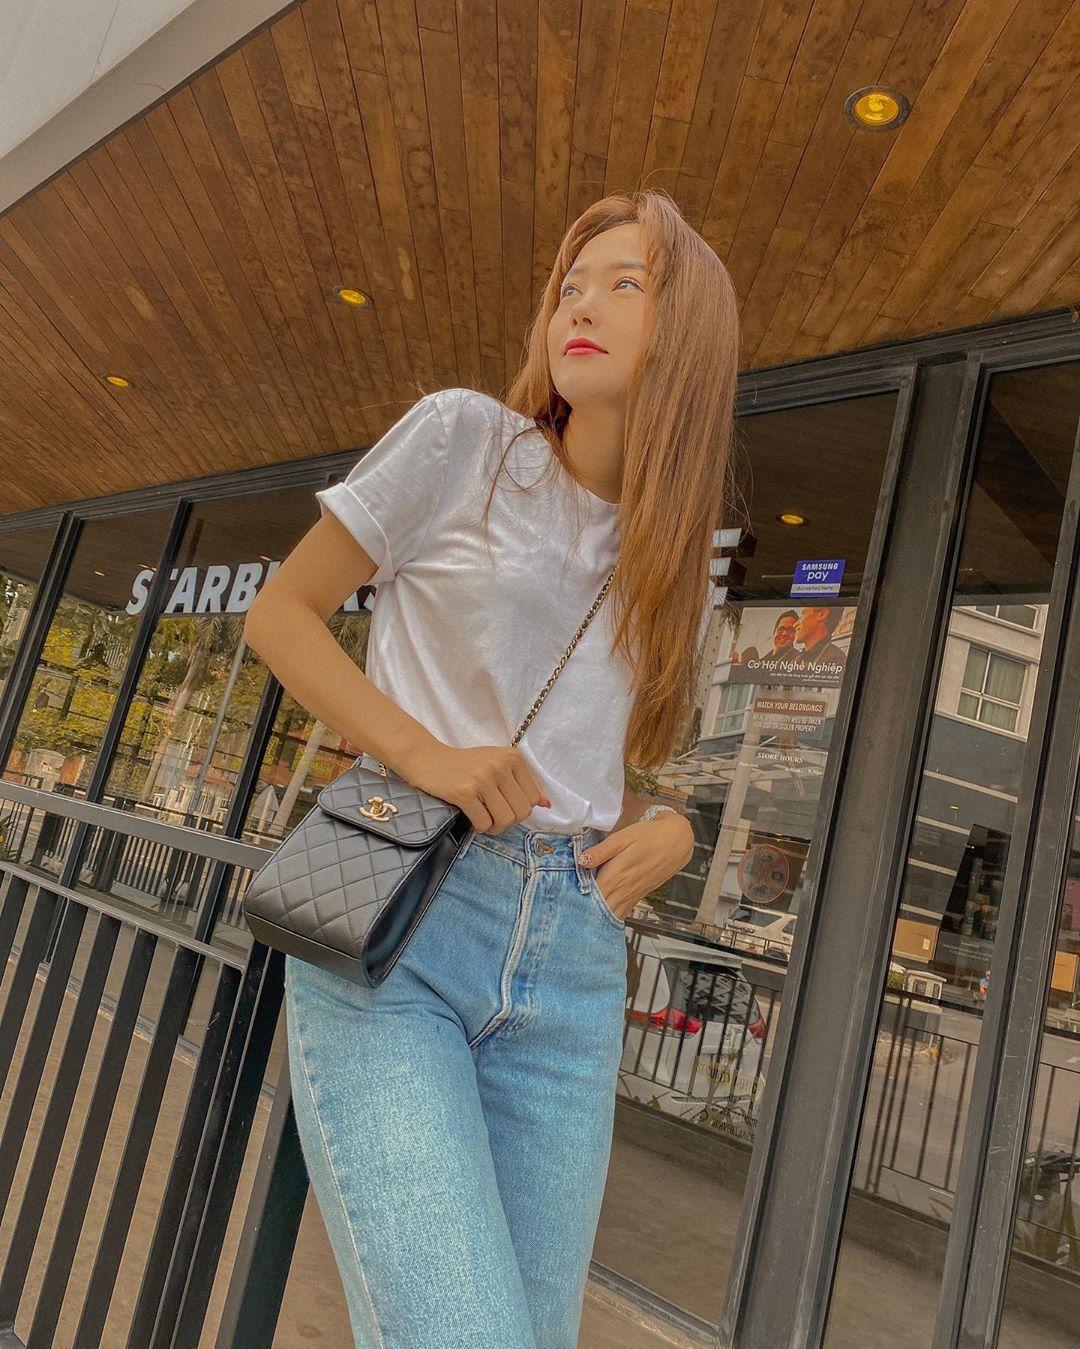 Minh Hằng chỉ 'ăn vận' đơn giản với áo phông trắng trơn và quần jeans basic nhưng cũng diện túi Chanel mini giá gần 40 triệu.